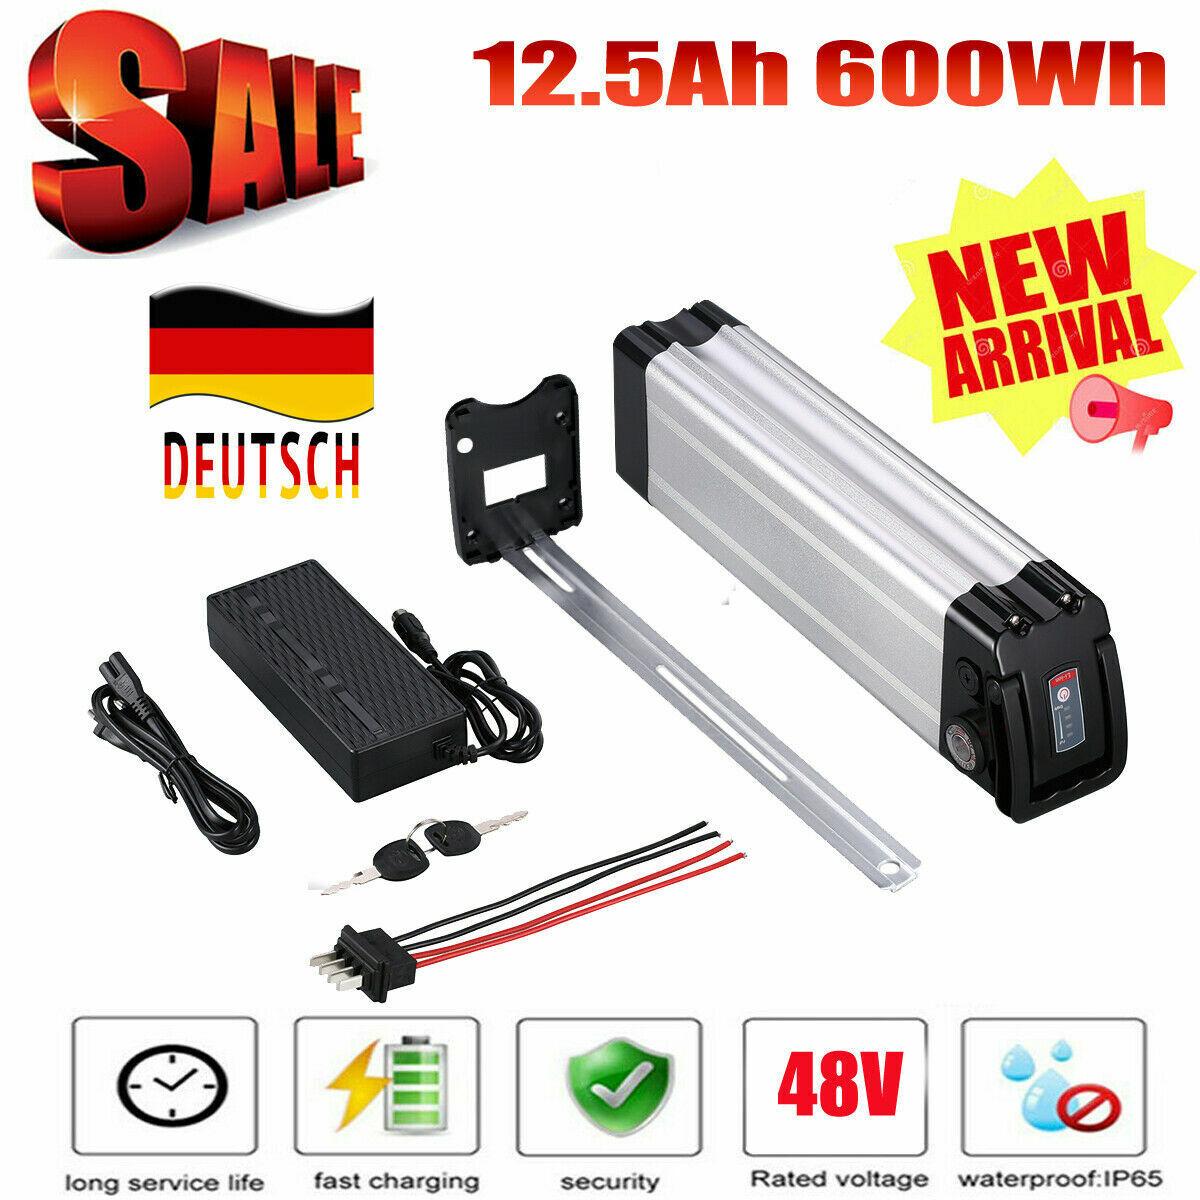 48v 12.5ah 600wh EBike Pedelec Bici Elettrica Batteria Batterie Con Caricabatterie 2.5a